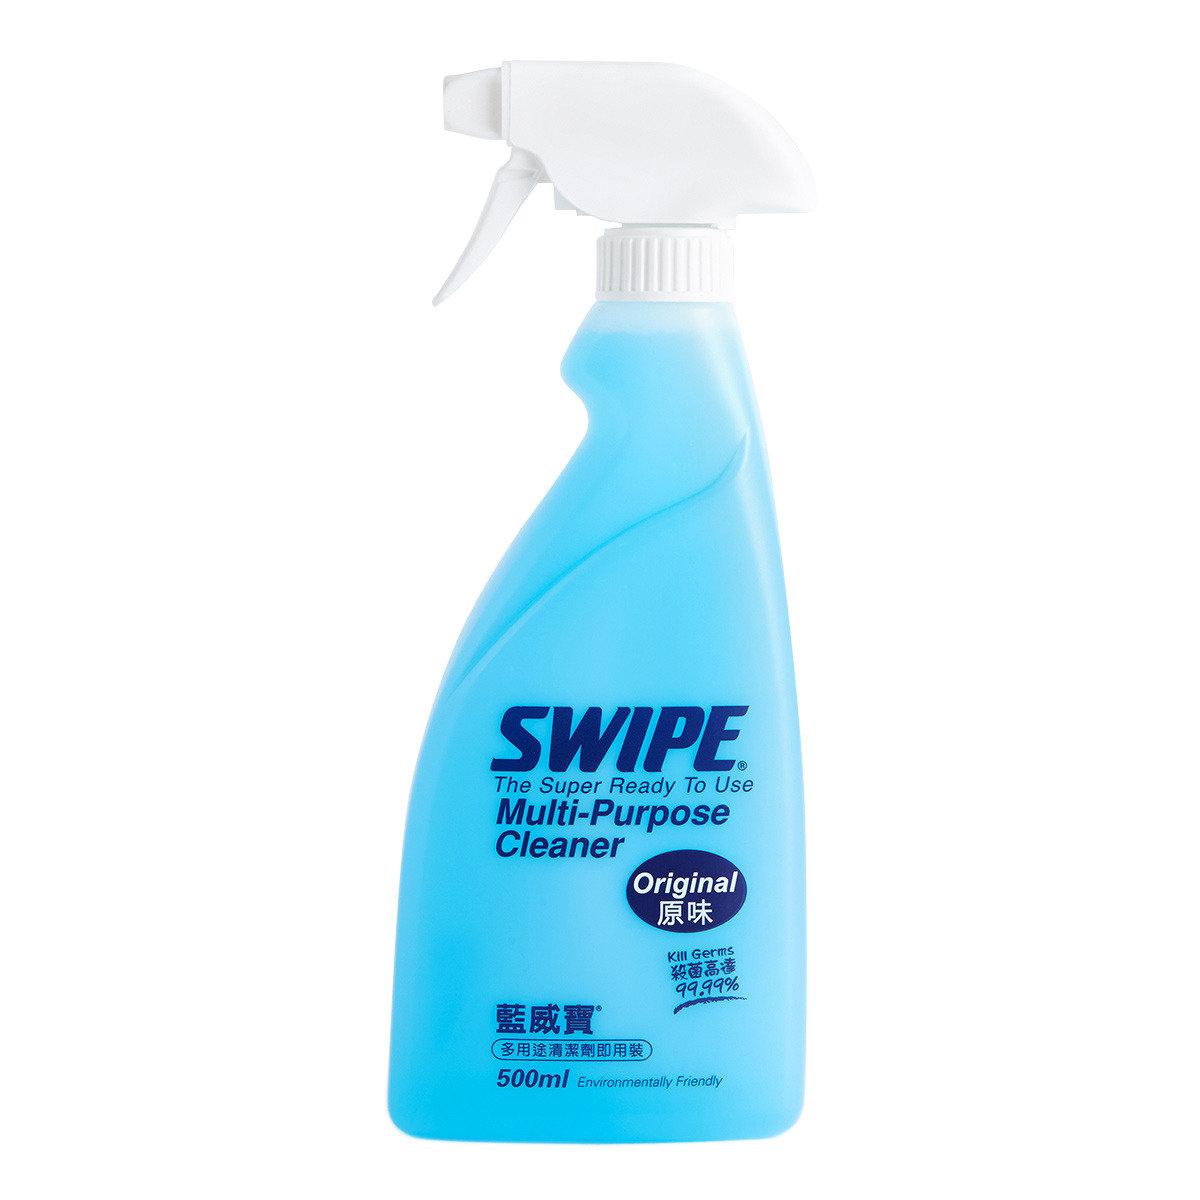 藍威寶多用途清潔劑即用裝 - 原味